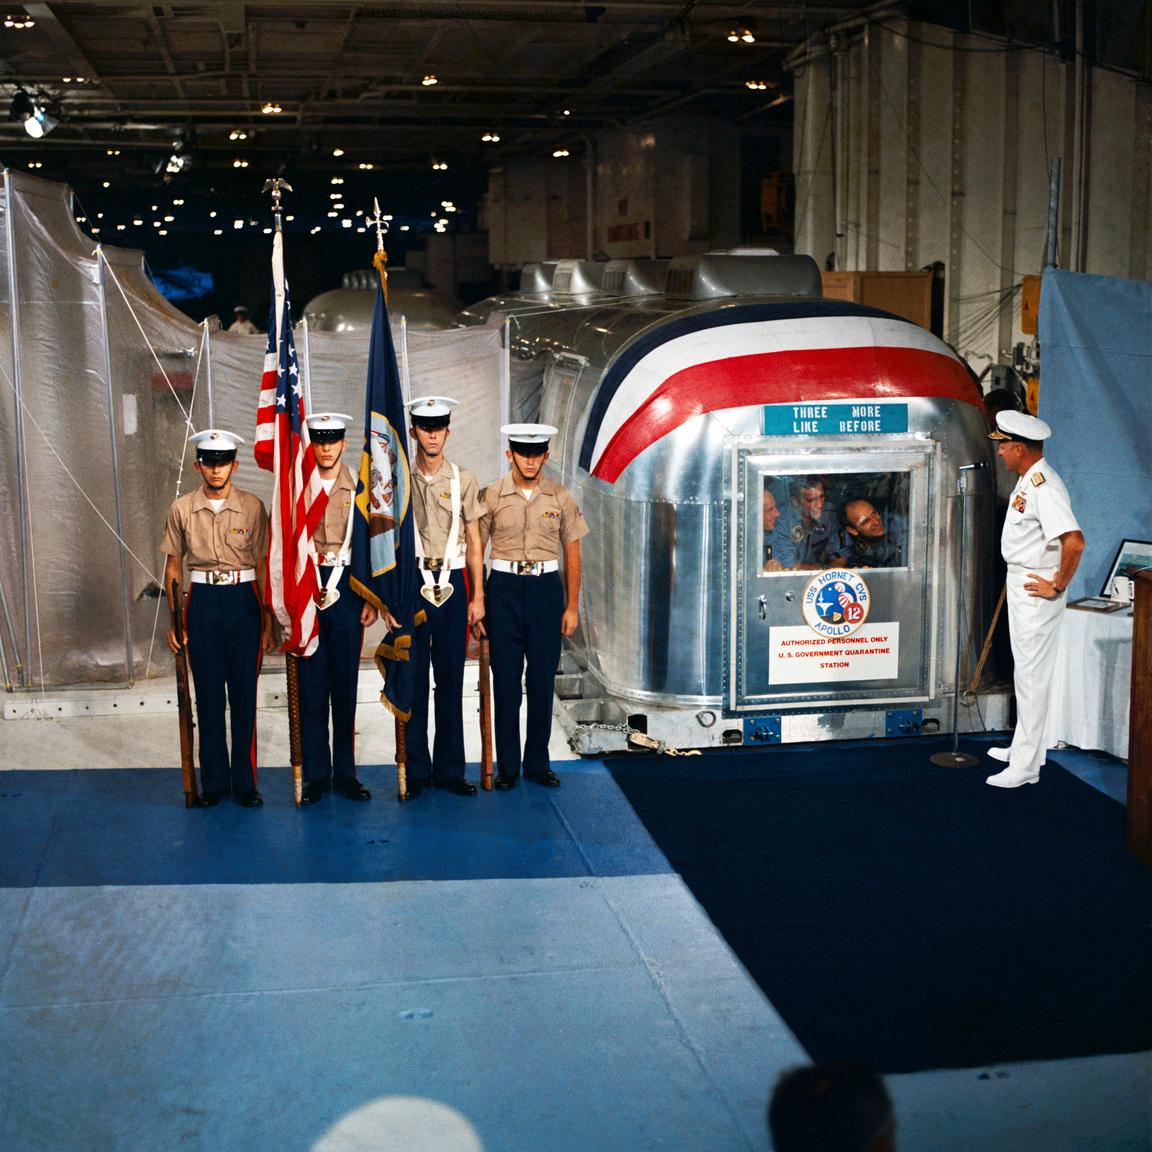 1969. november 24. Donald C. David admirális üdvözli a Holdról visszatért három űrhajóst a USS Hornet repülőgép-hordozó fedélzetén, a speciális elkülönítő-egységben.